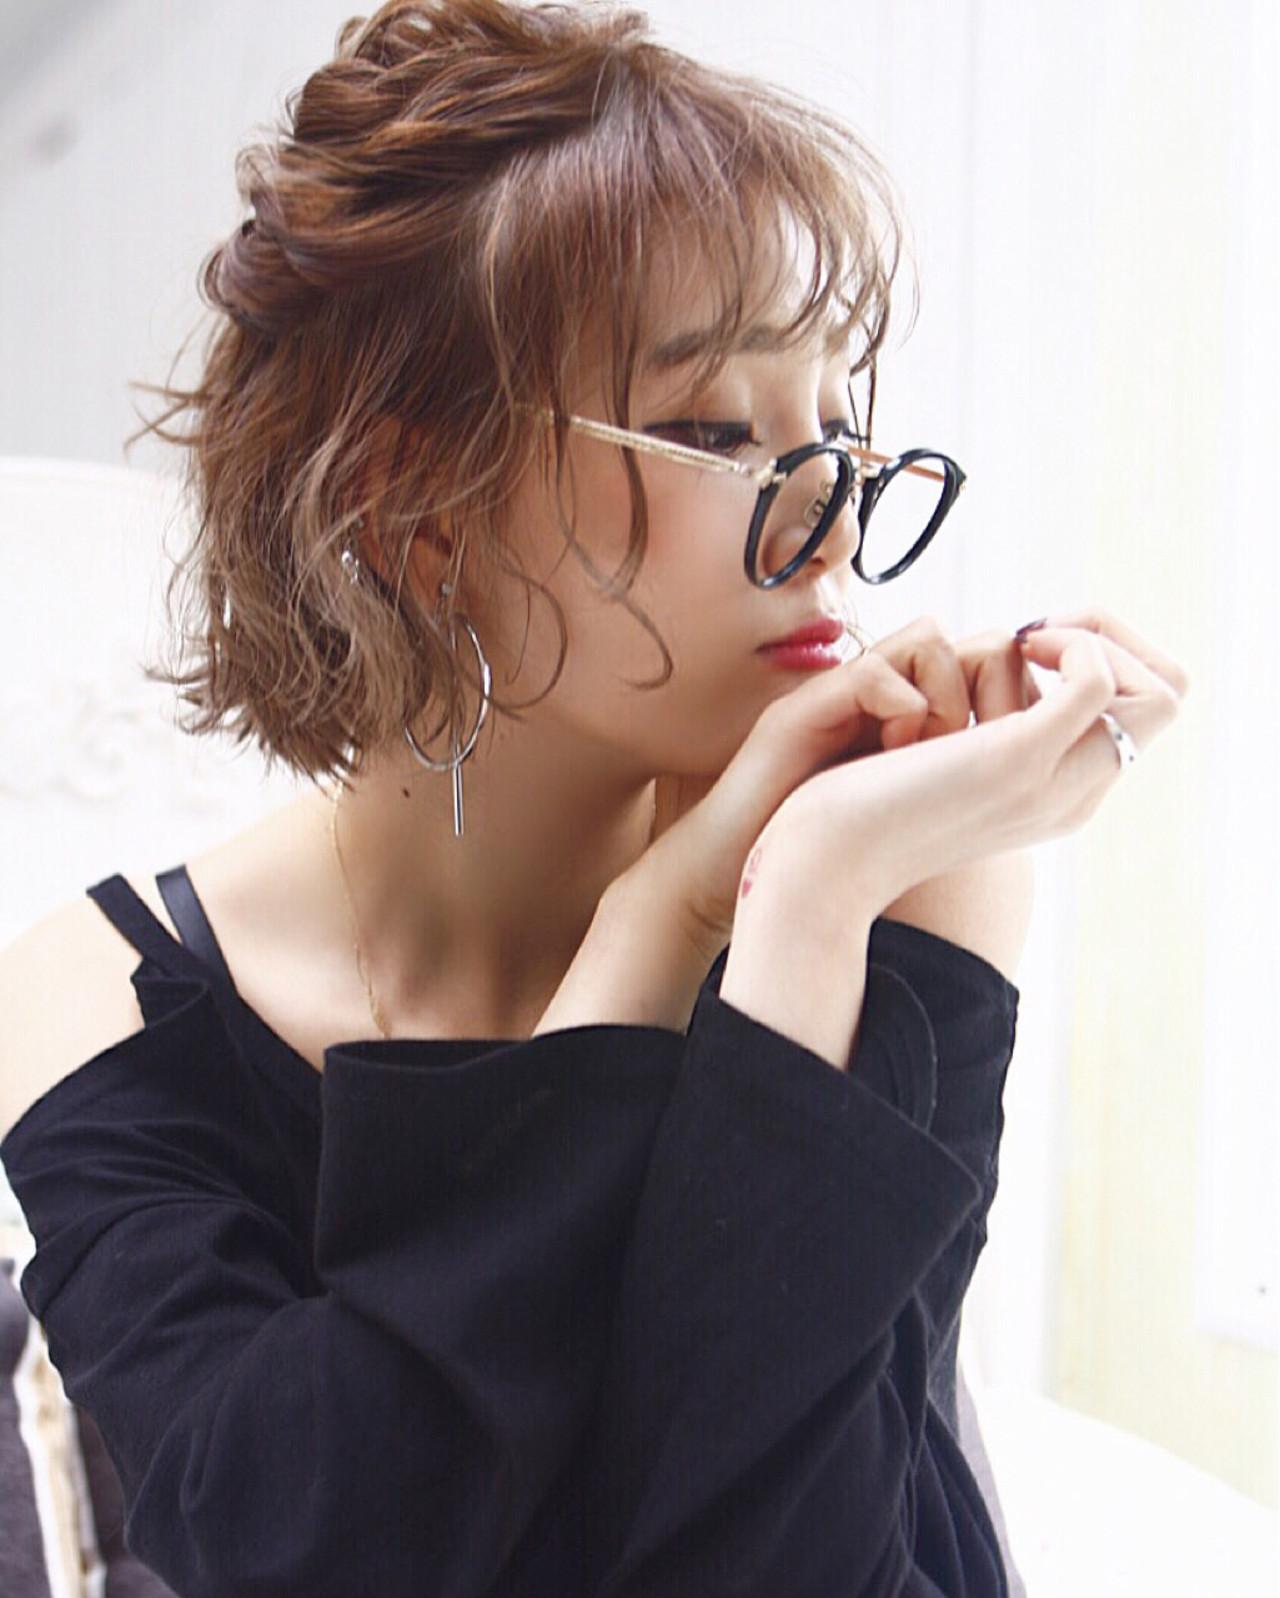 ミディアム モード 秋 簡単ヘアアレンジ ヘアスタイルや髪型の写真・画像